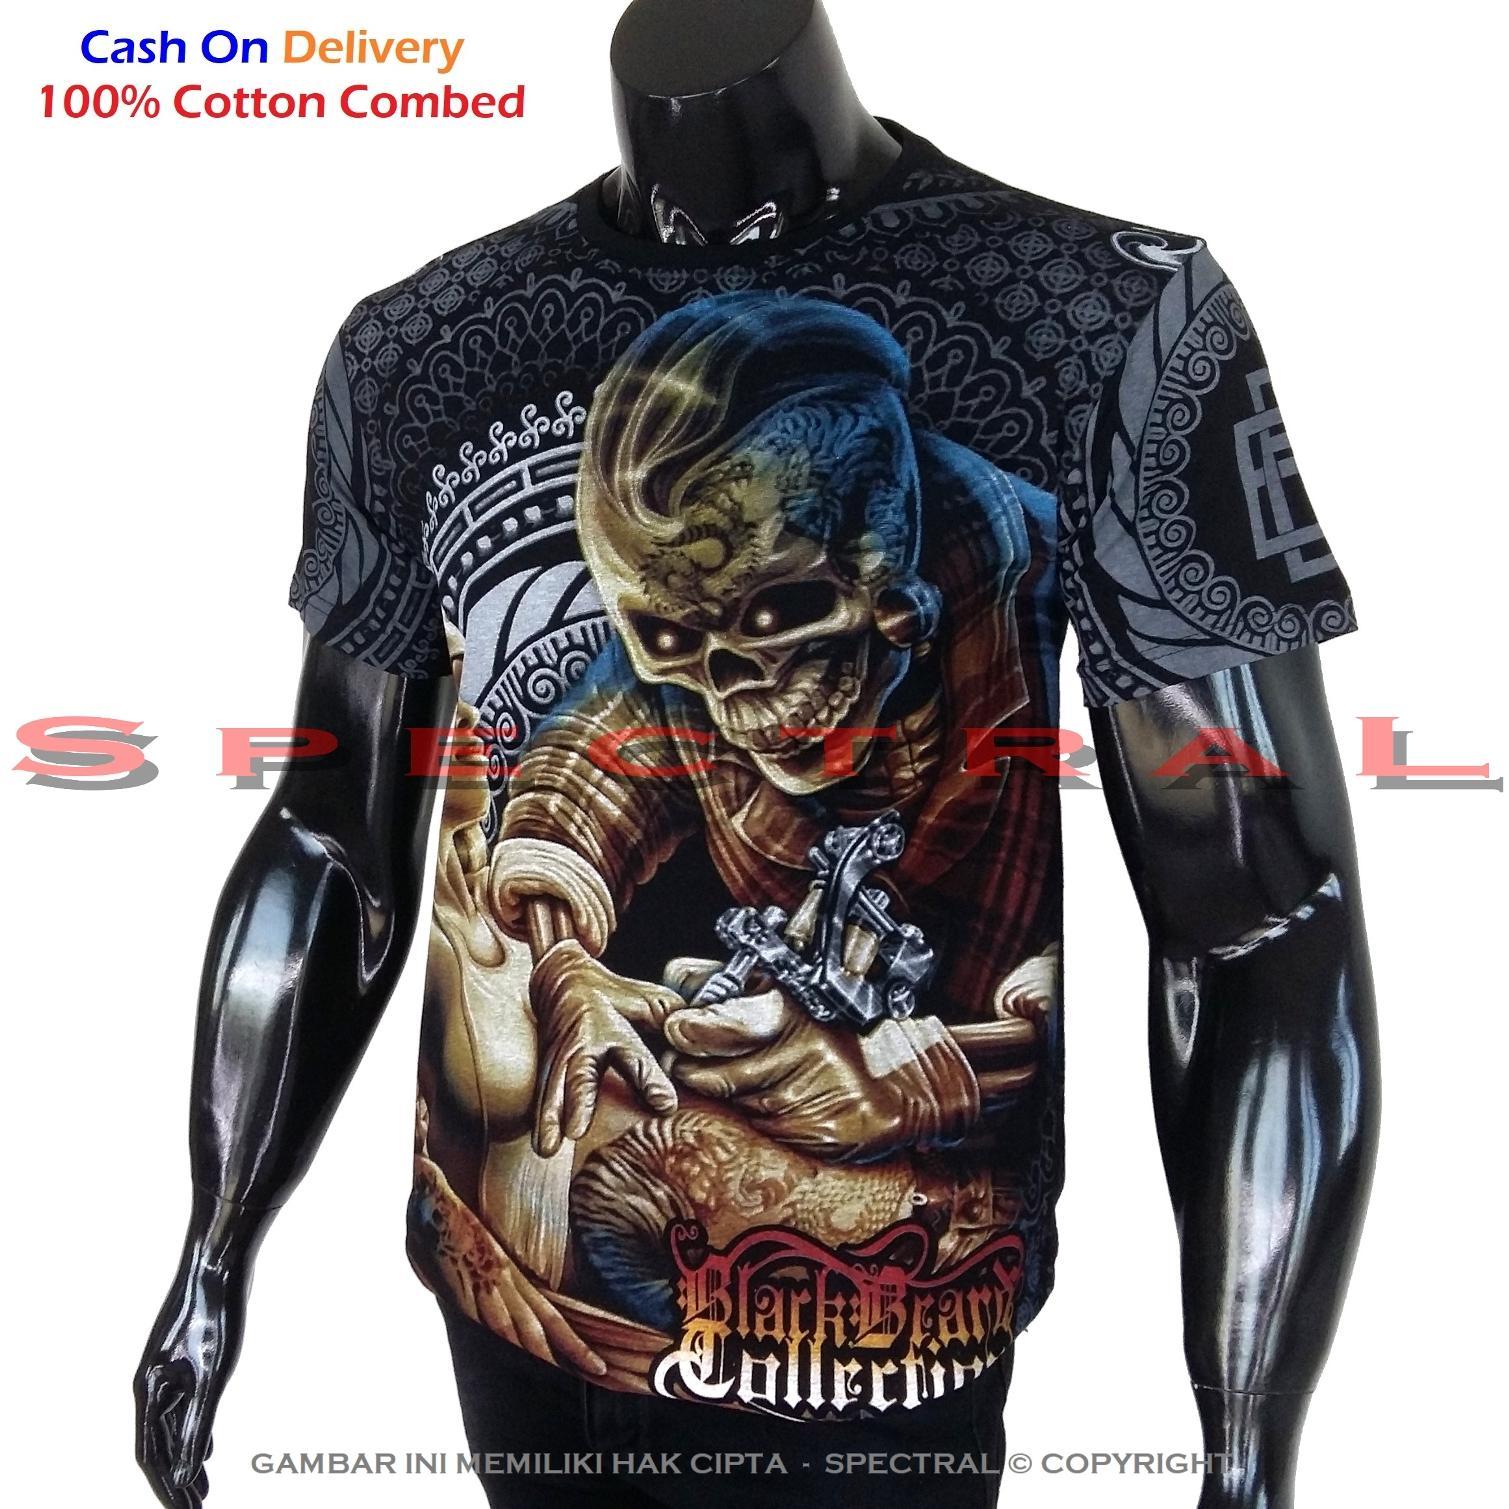 Spectral - Black Premium Cotton - Kaos Tengkorak - Pure Cotton Combed 30s - Zombie Metal Horor Seram - Real Pic - Ready Stock - Jakarta - Distro Bandung - Keren - Bahan Bagus - Lembut - Nyaman - Adem - Awet -  Simple Fashion - Lazada Express - Hitam